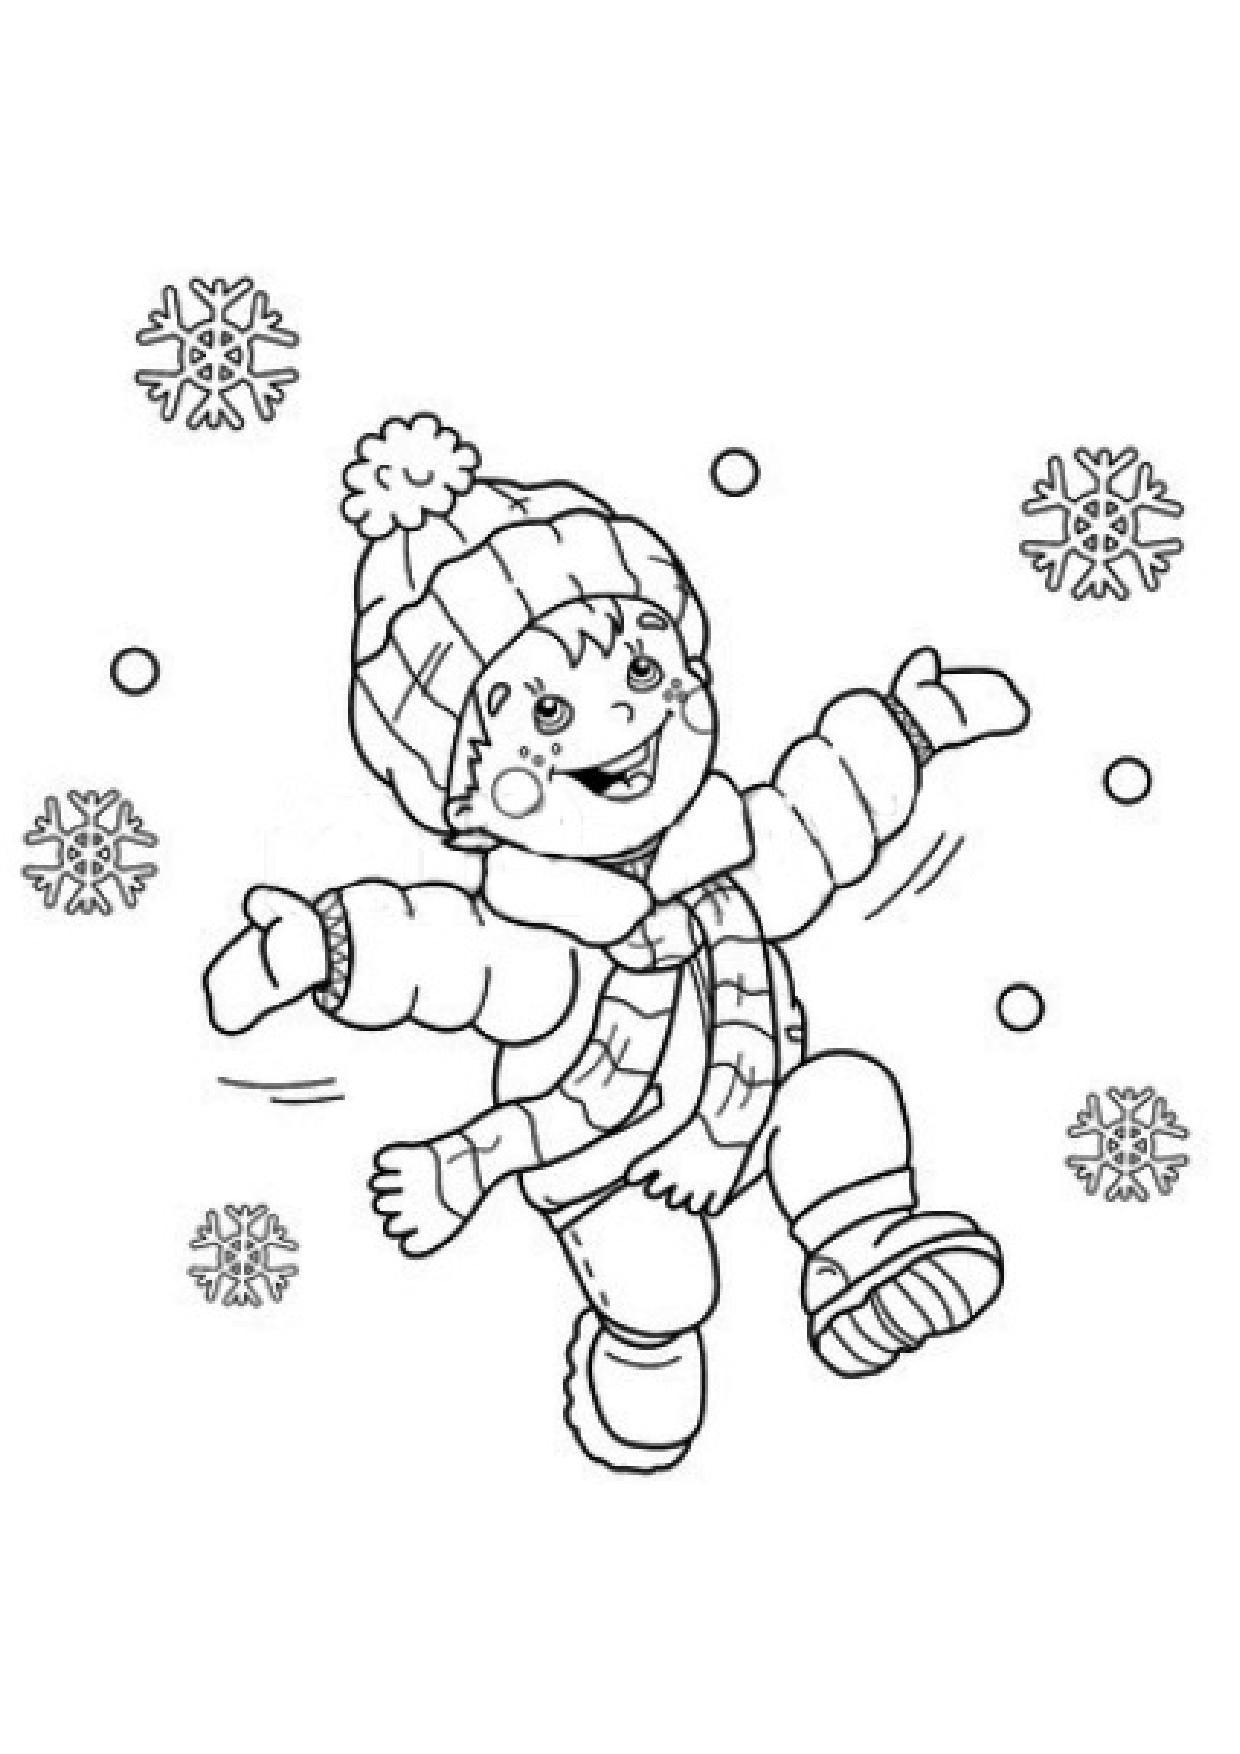 Coloriage - Enfant Et Flocon De Neige intérieur Coloriage Enfant